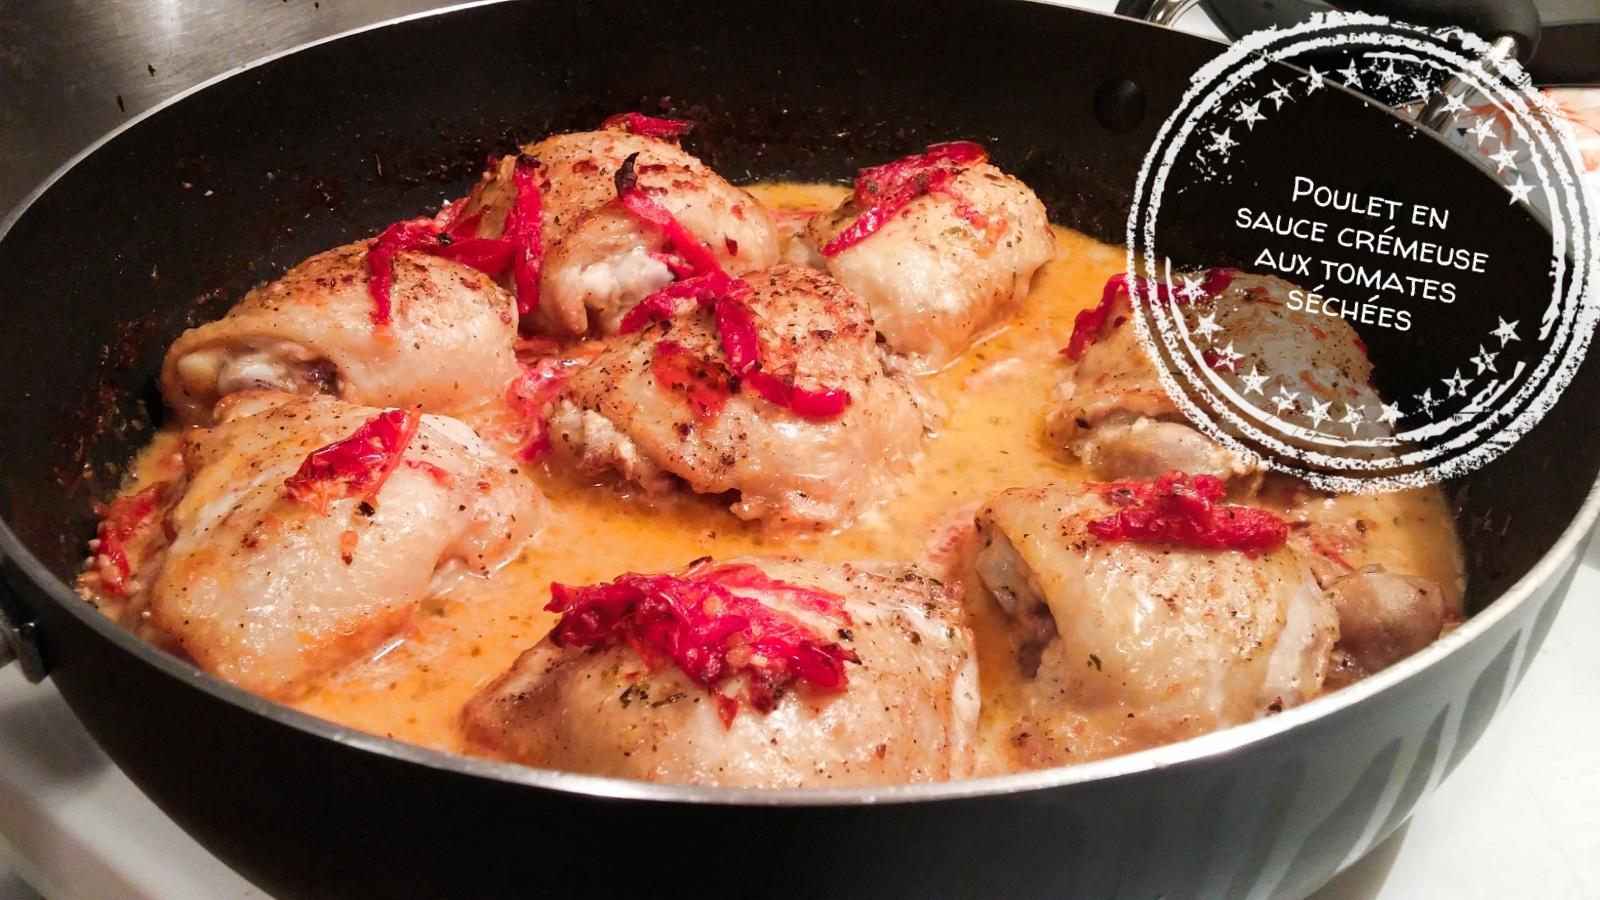 Poulet en sauce cr meuse aux tomates s ch es au bout de - Cuisse de poulet en sauce ...